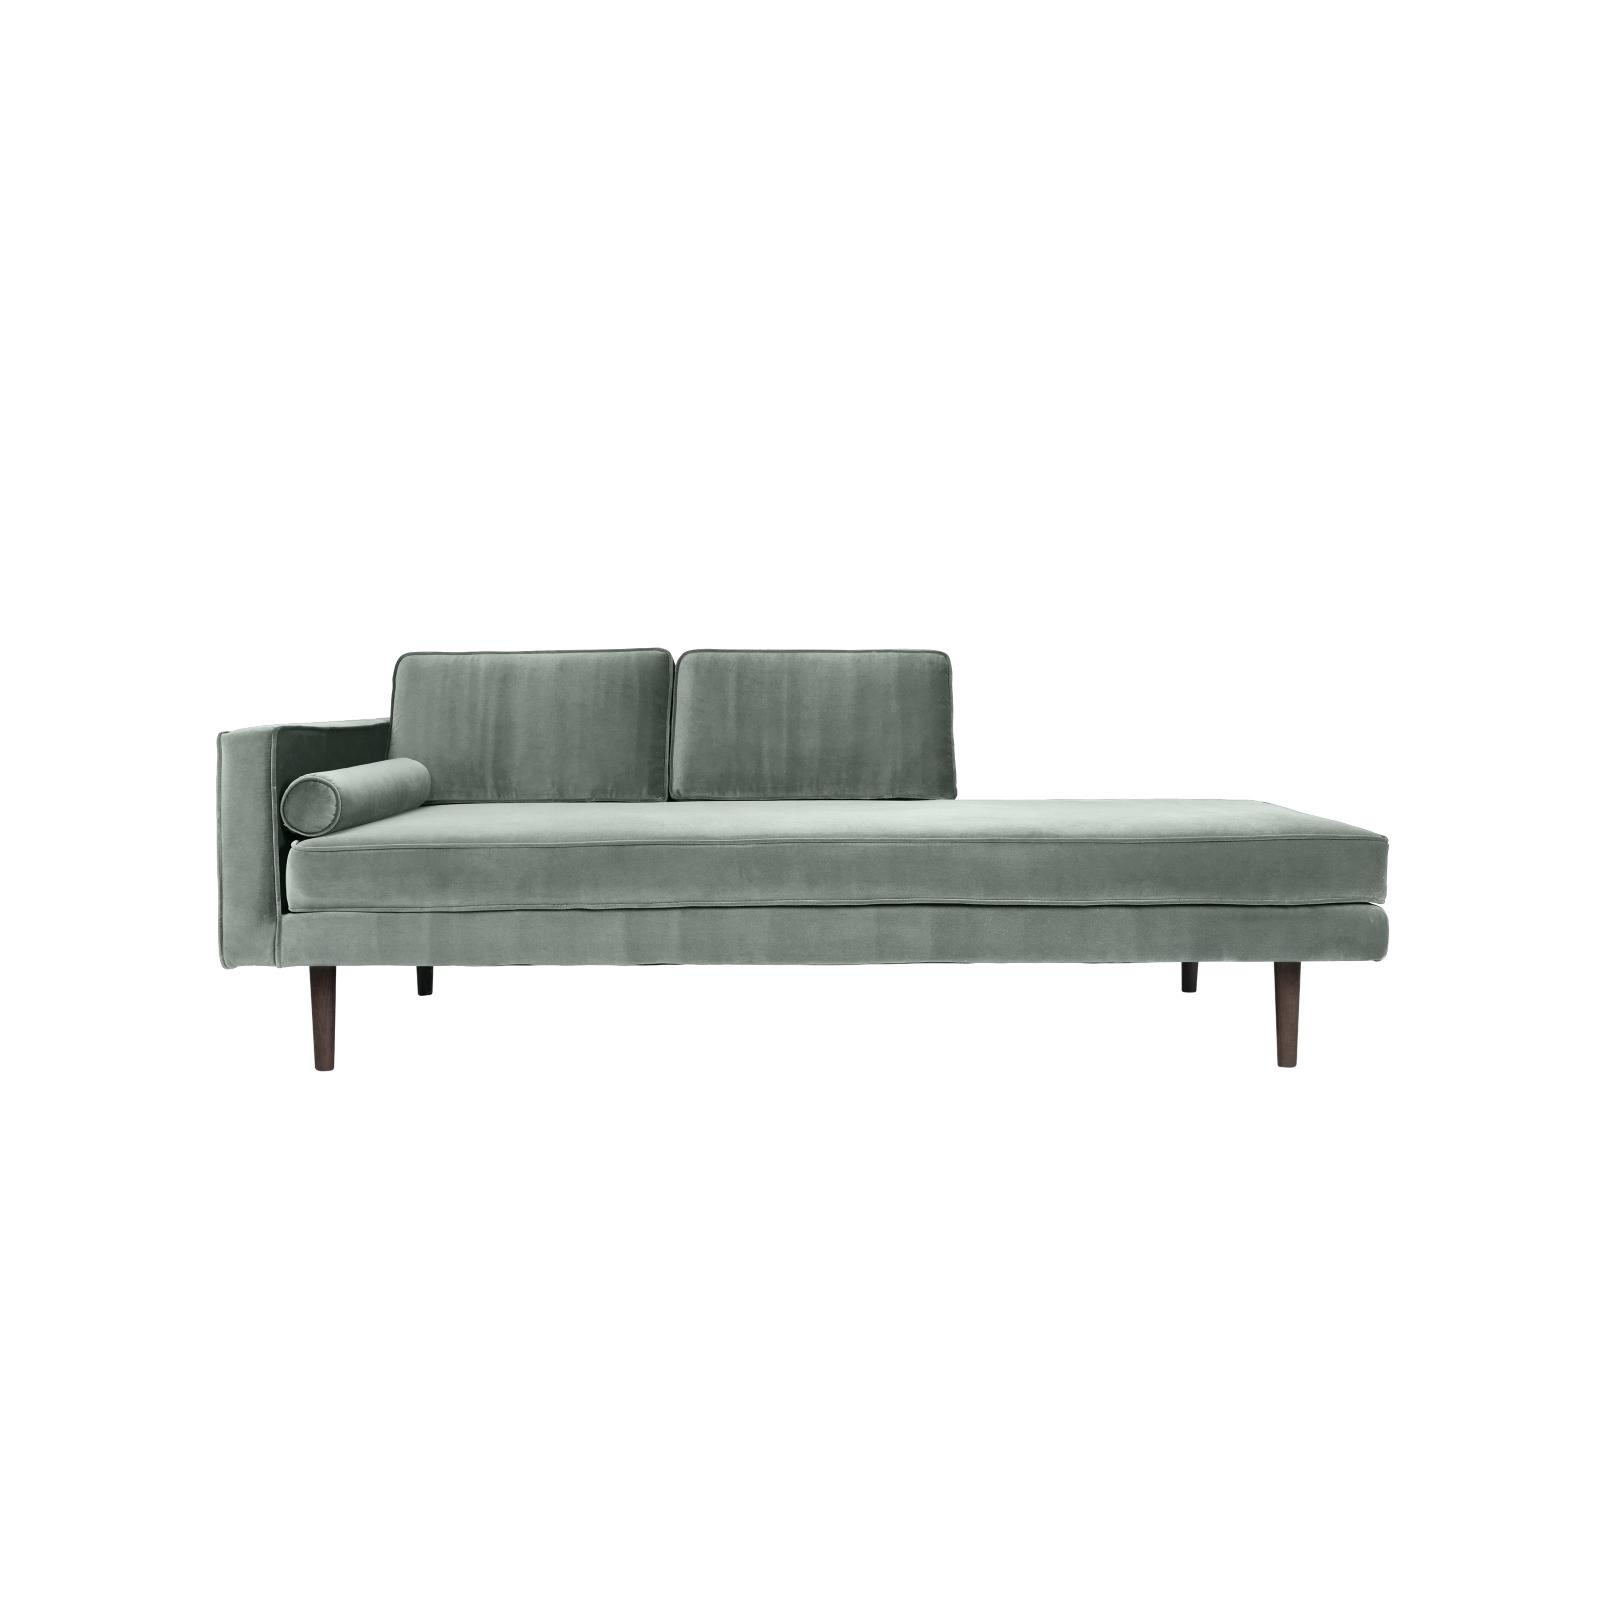 Chaise lounge grå sammet WIND, Broste Copenhagen